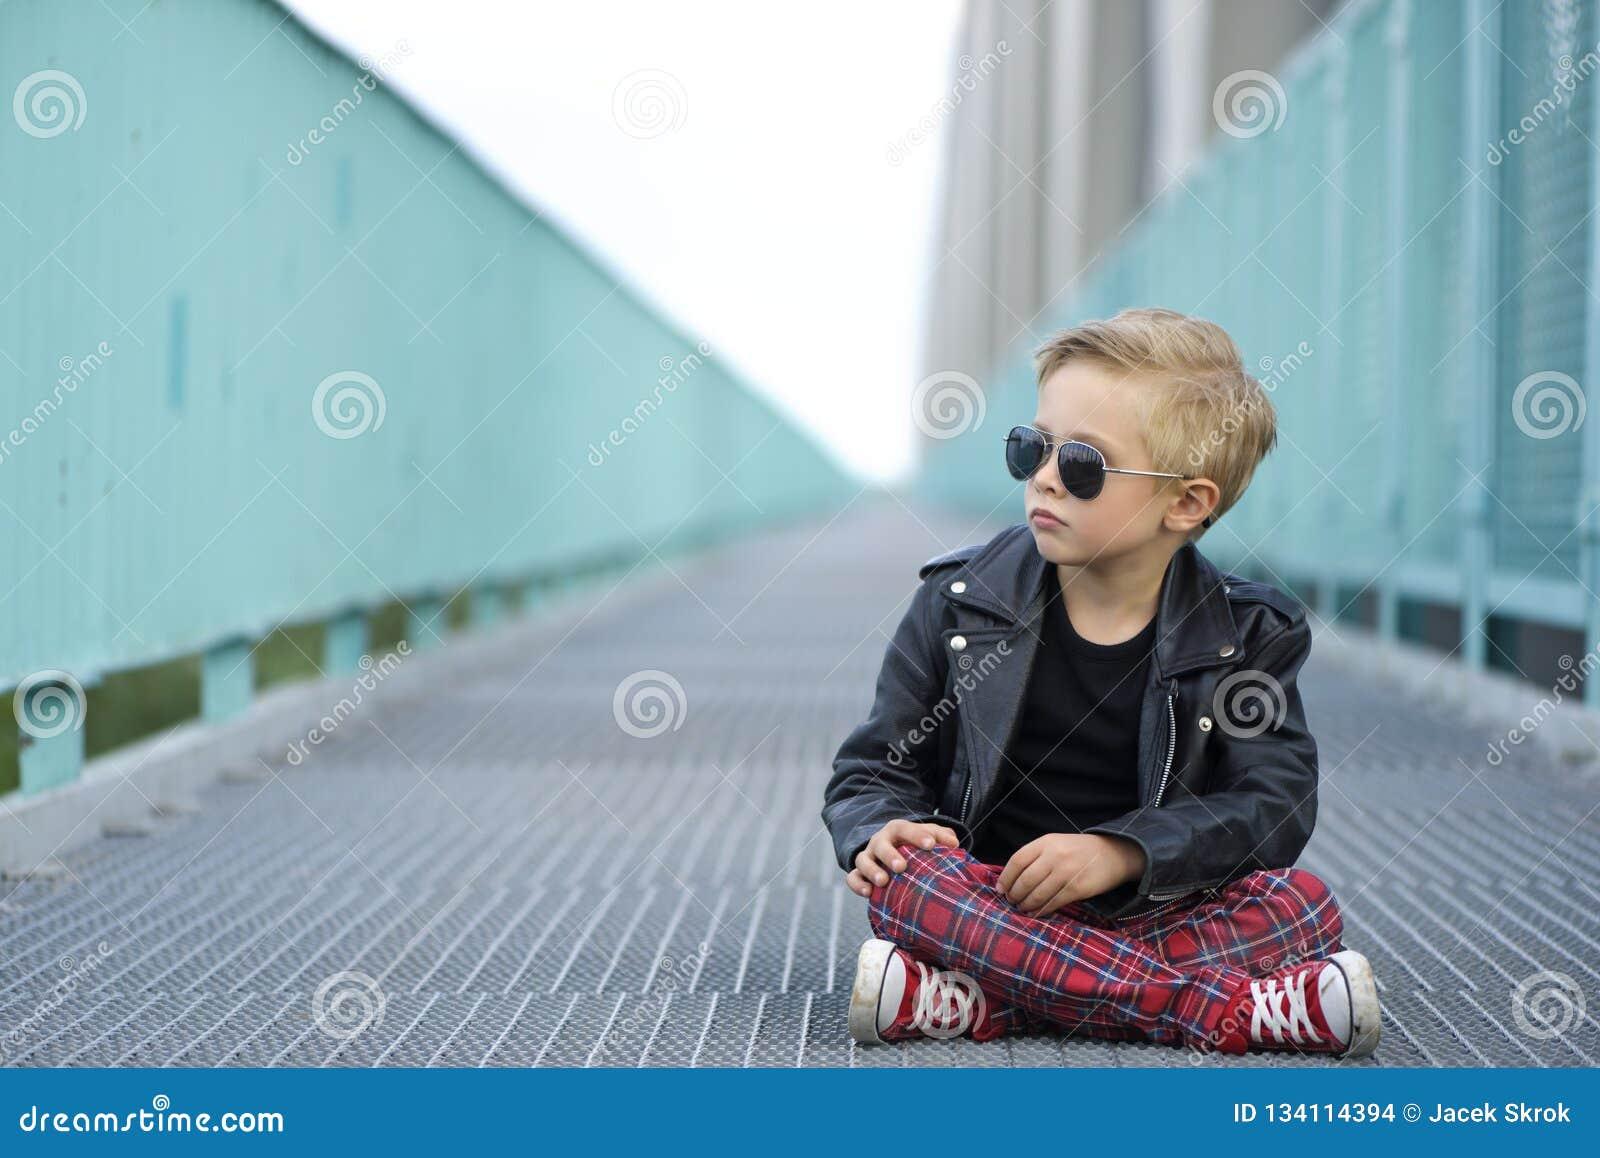 Современно одетый мальчик, представляет как модель